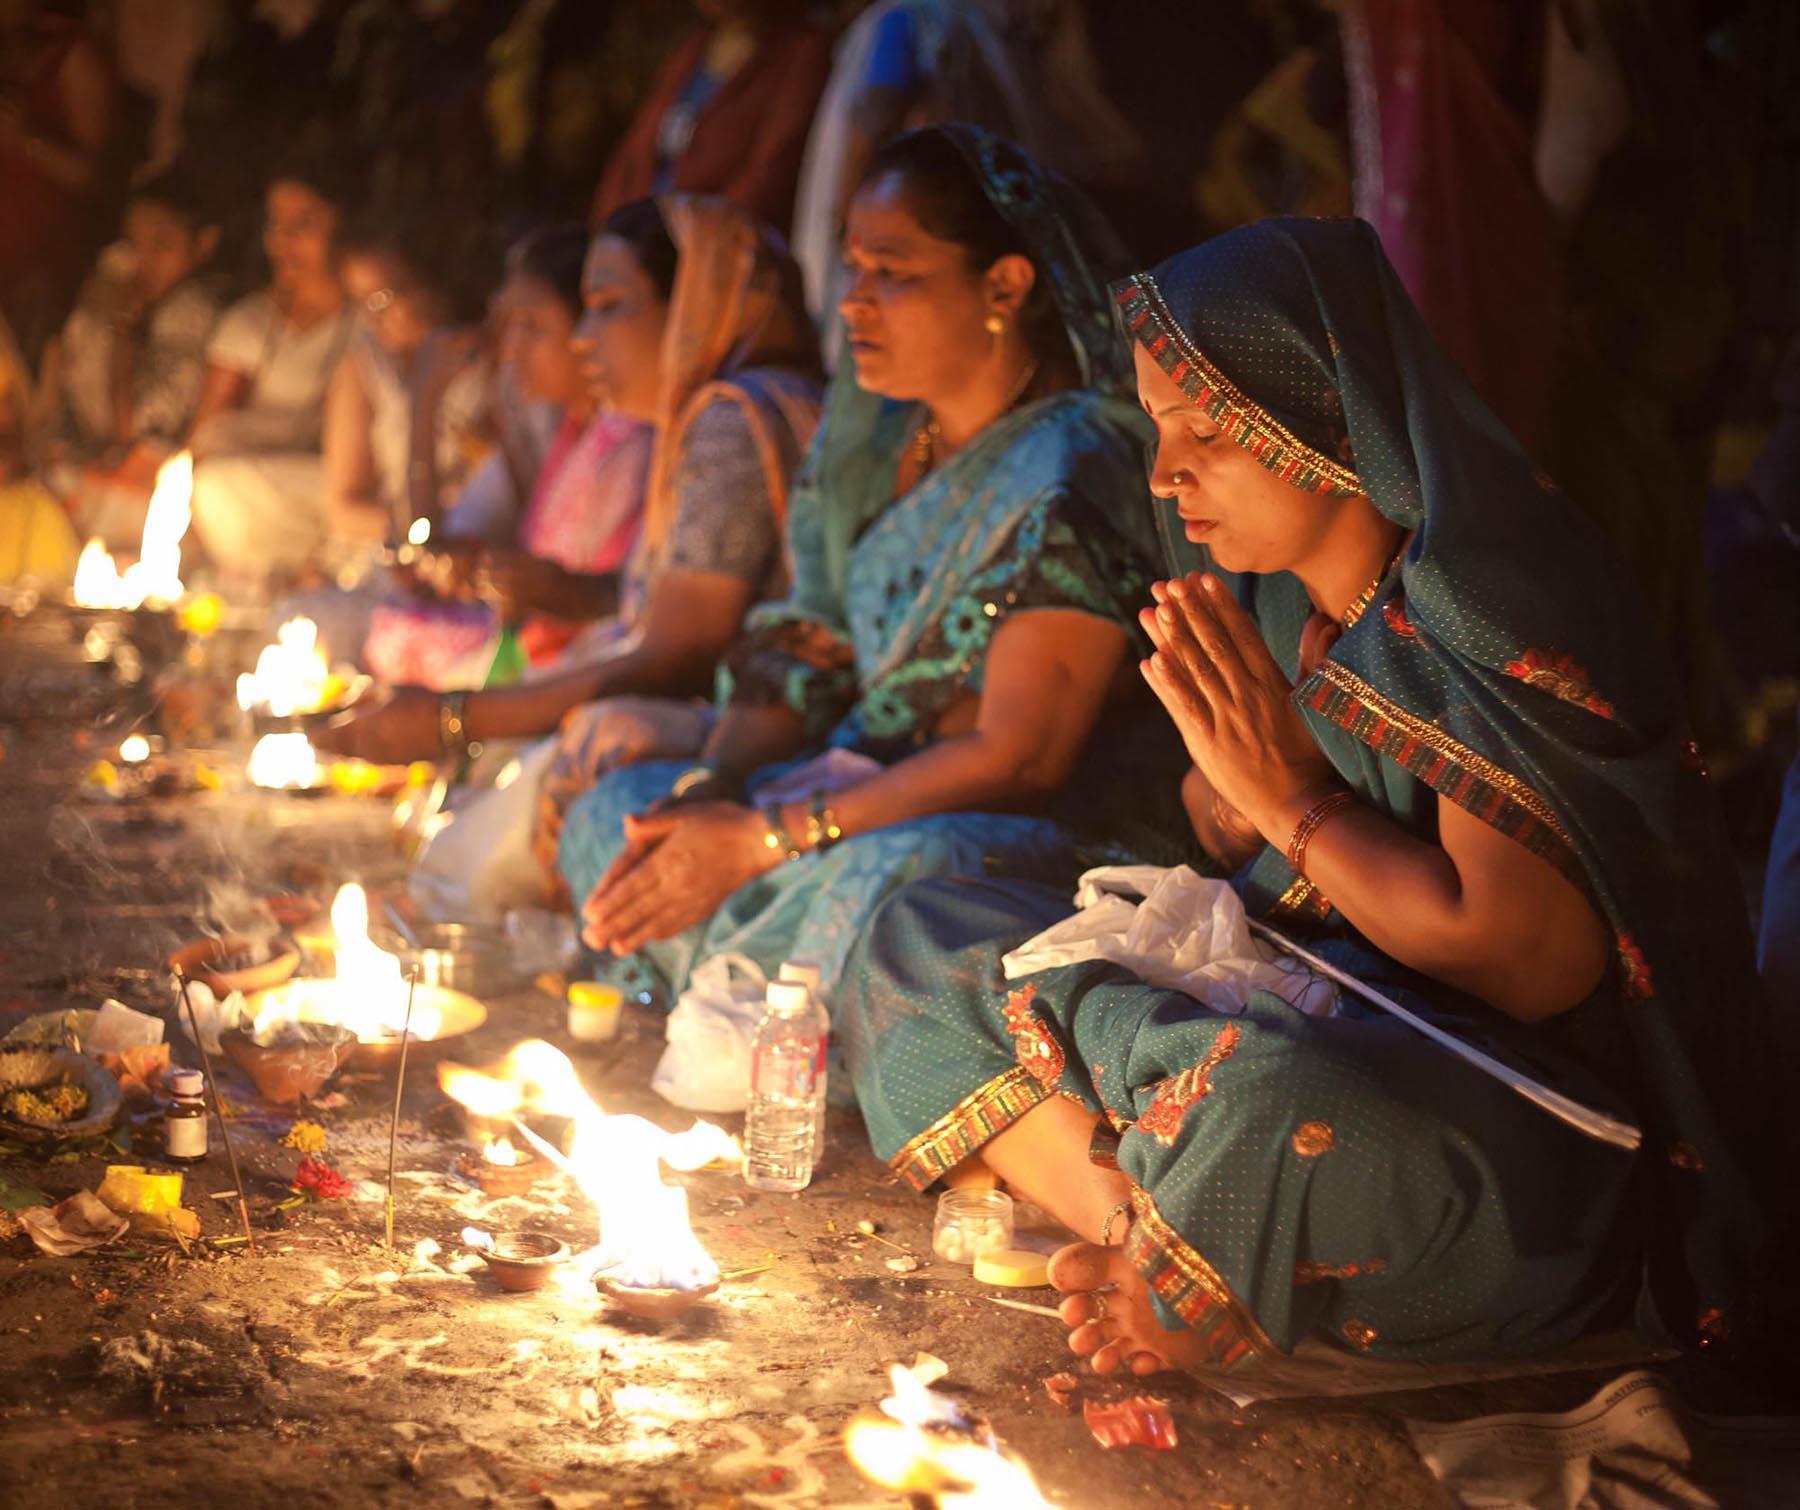 DAVID_R_ABRAM_Travel_21_mumbai_lost-shots-189_am.jpg